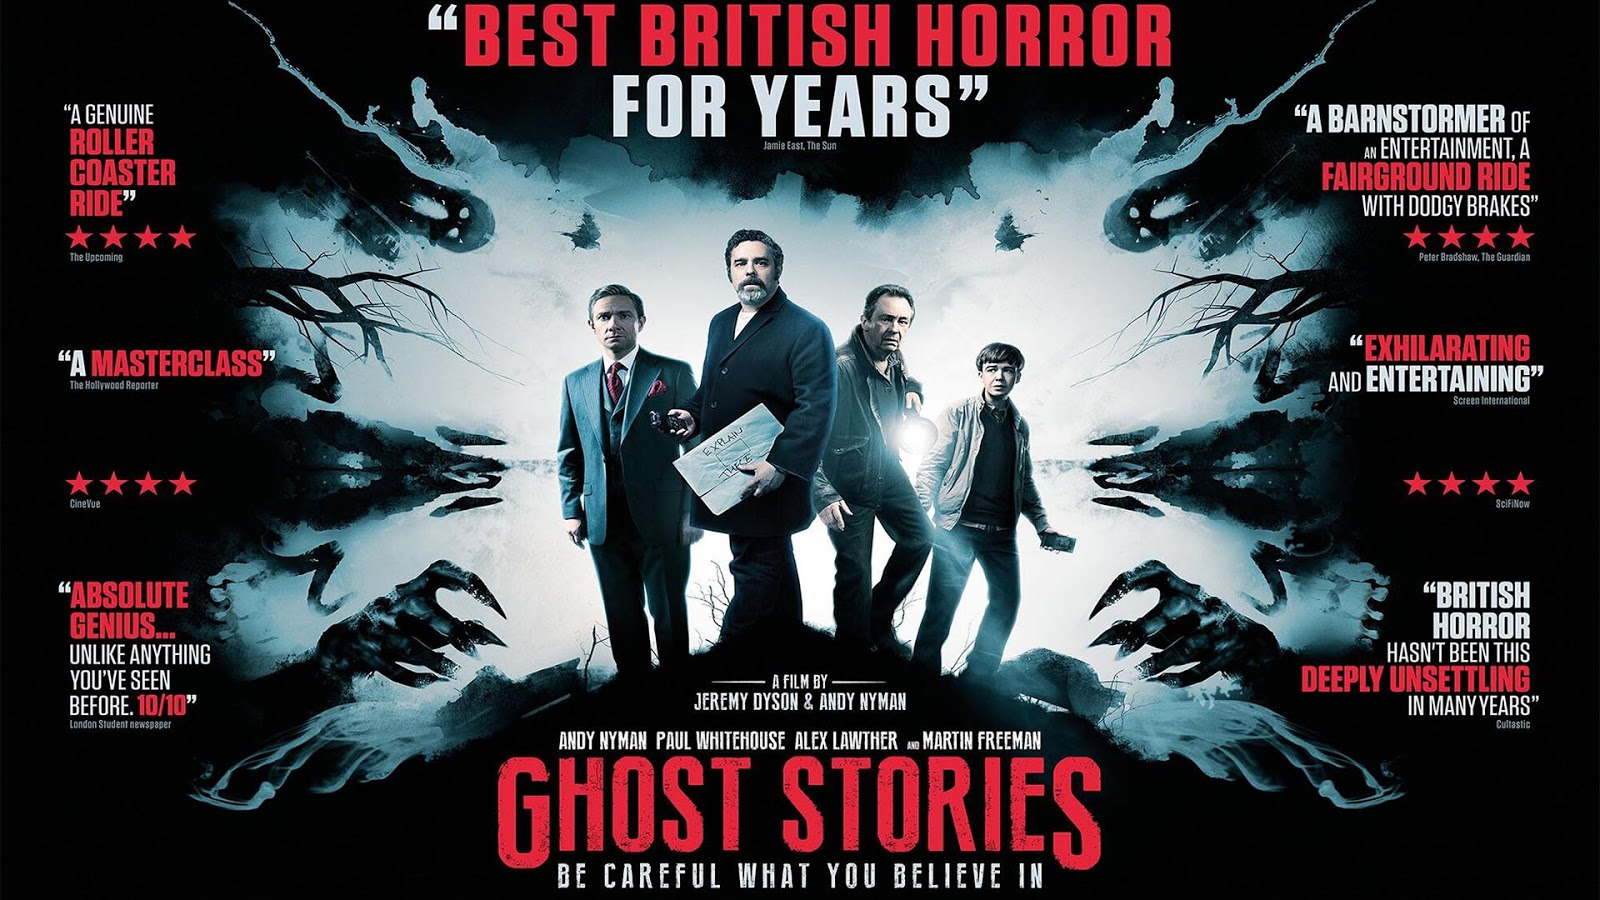 ผลการค้นหารูปภาพสำหรับ ghost stories film